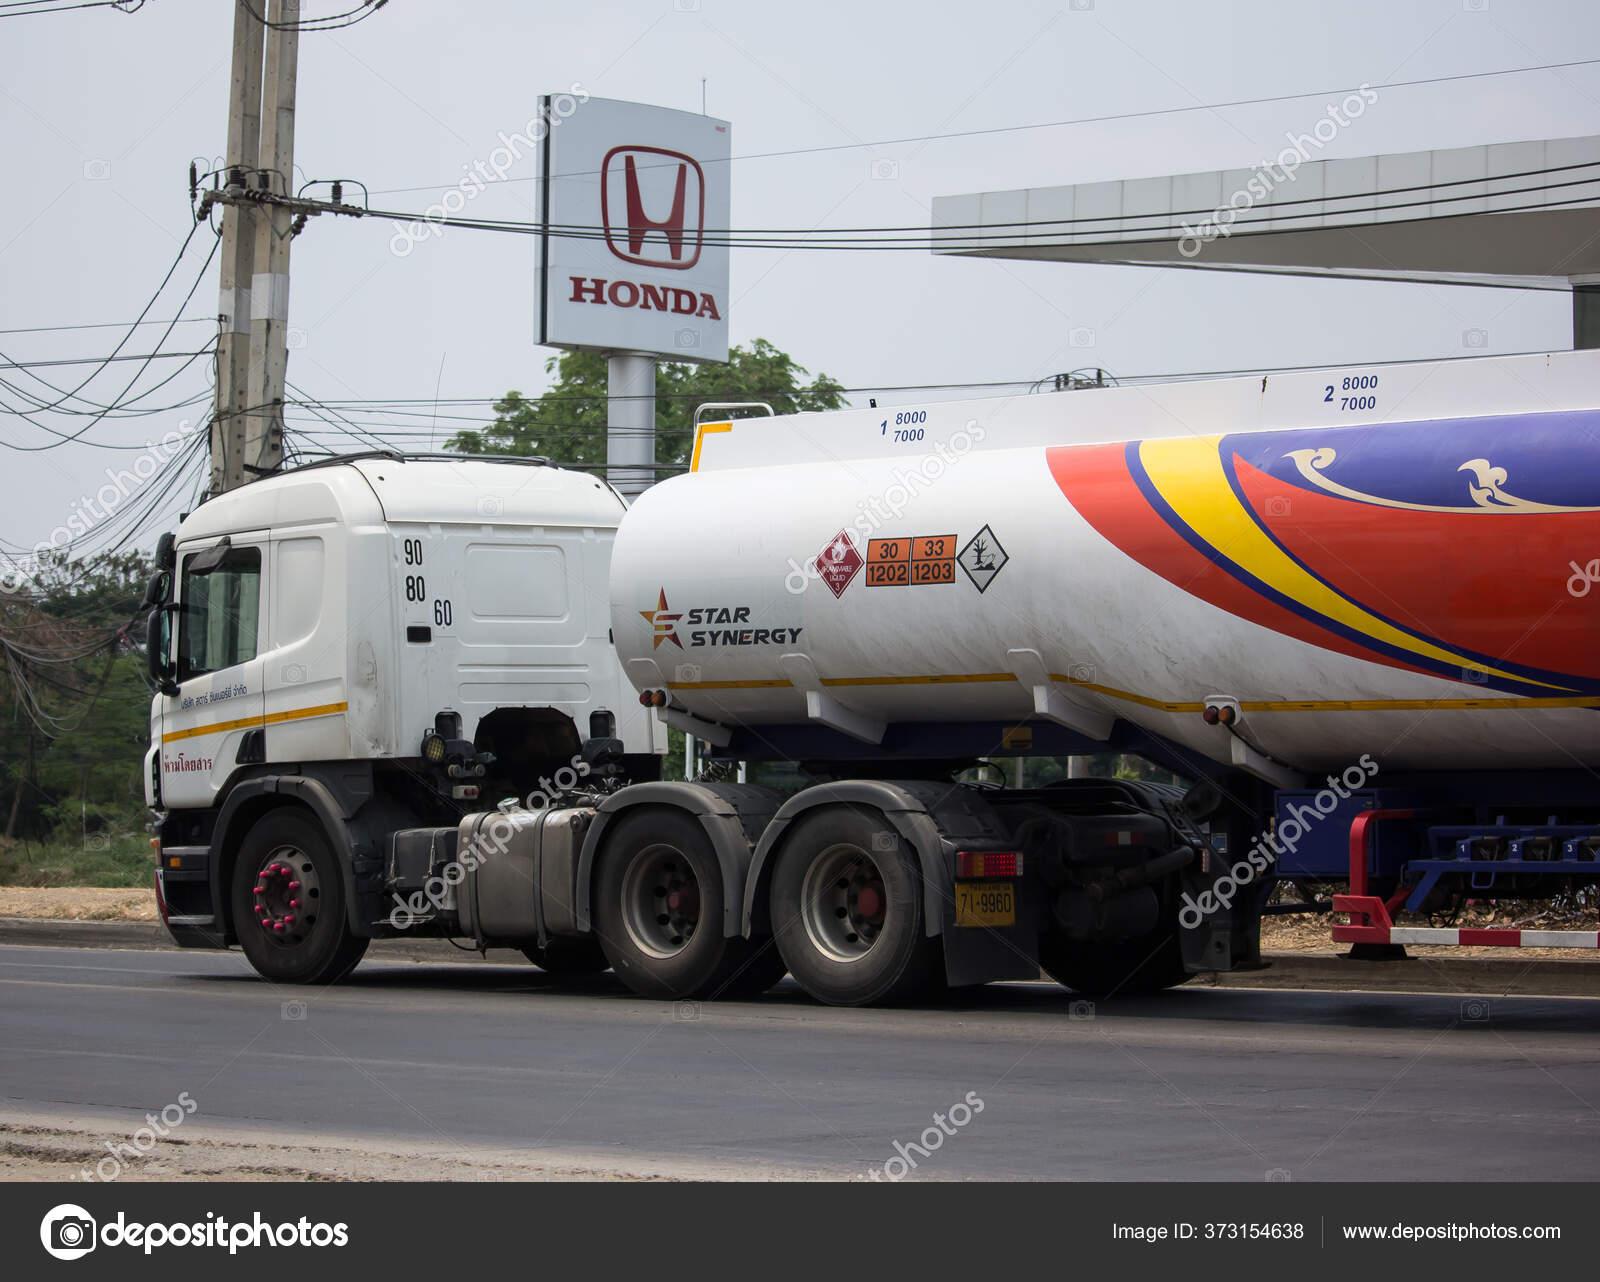 турция нефть грузовики фото дежурные сиз